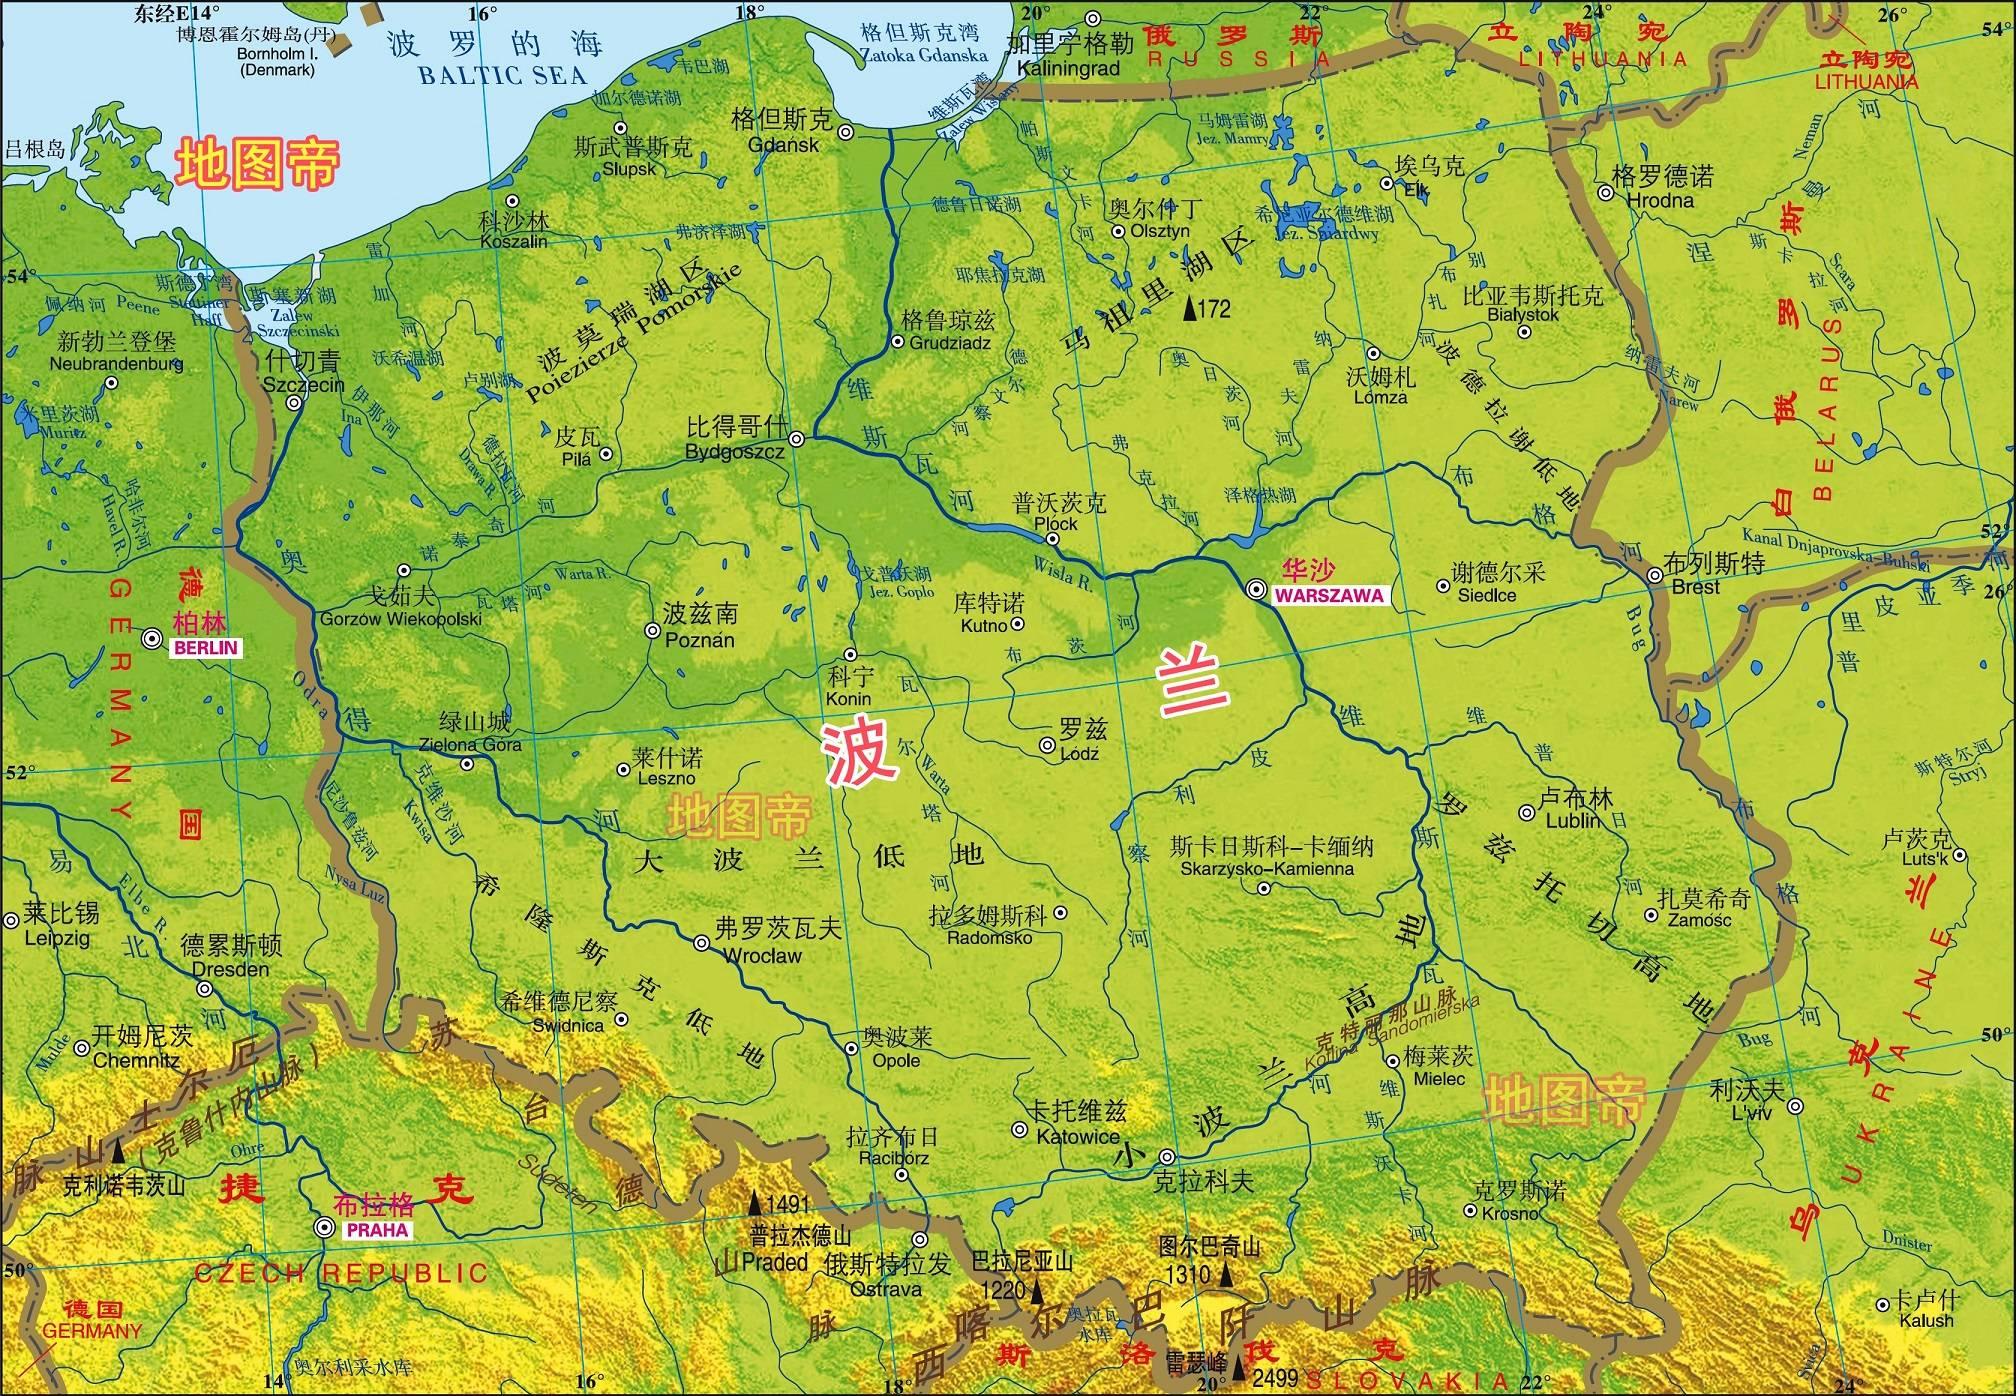 二战后,波兰的领土为何整体西移两百多公里?